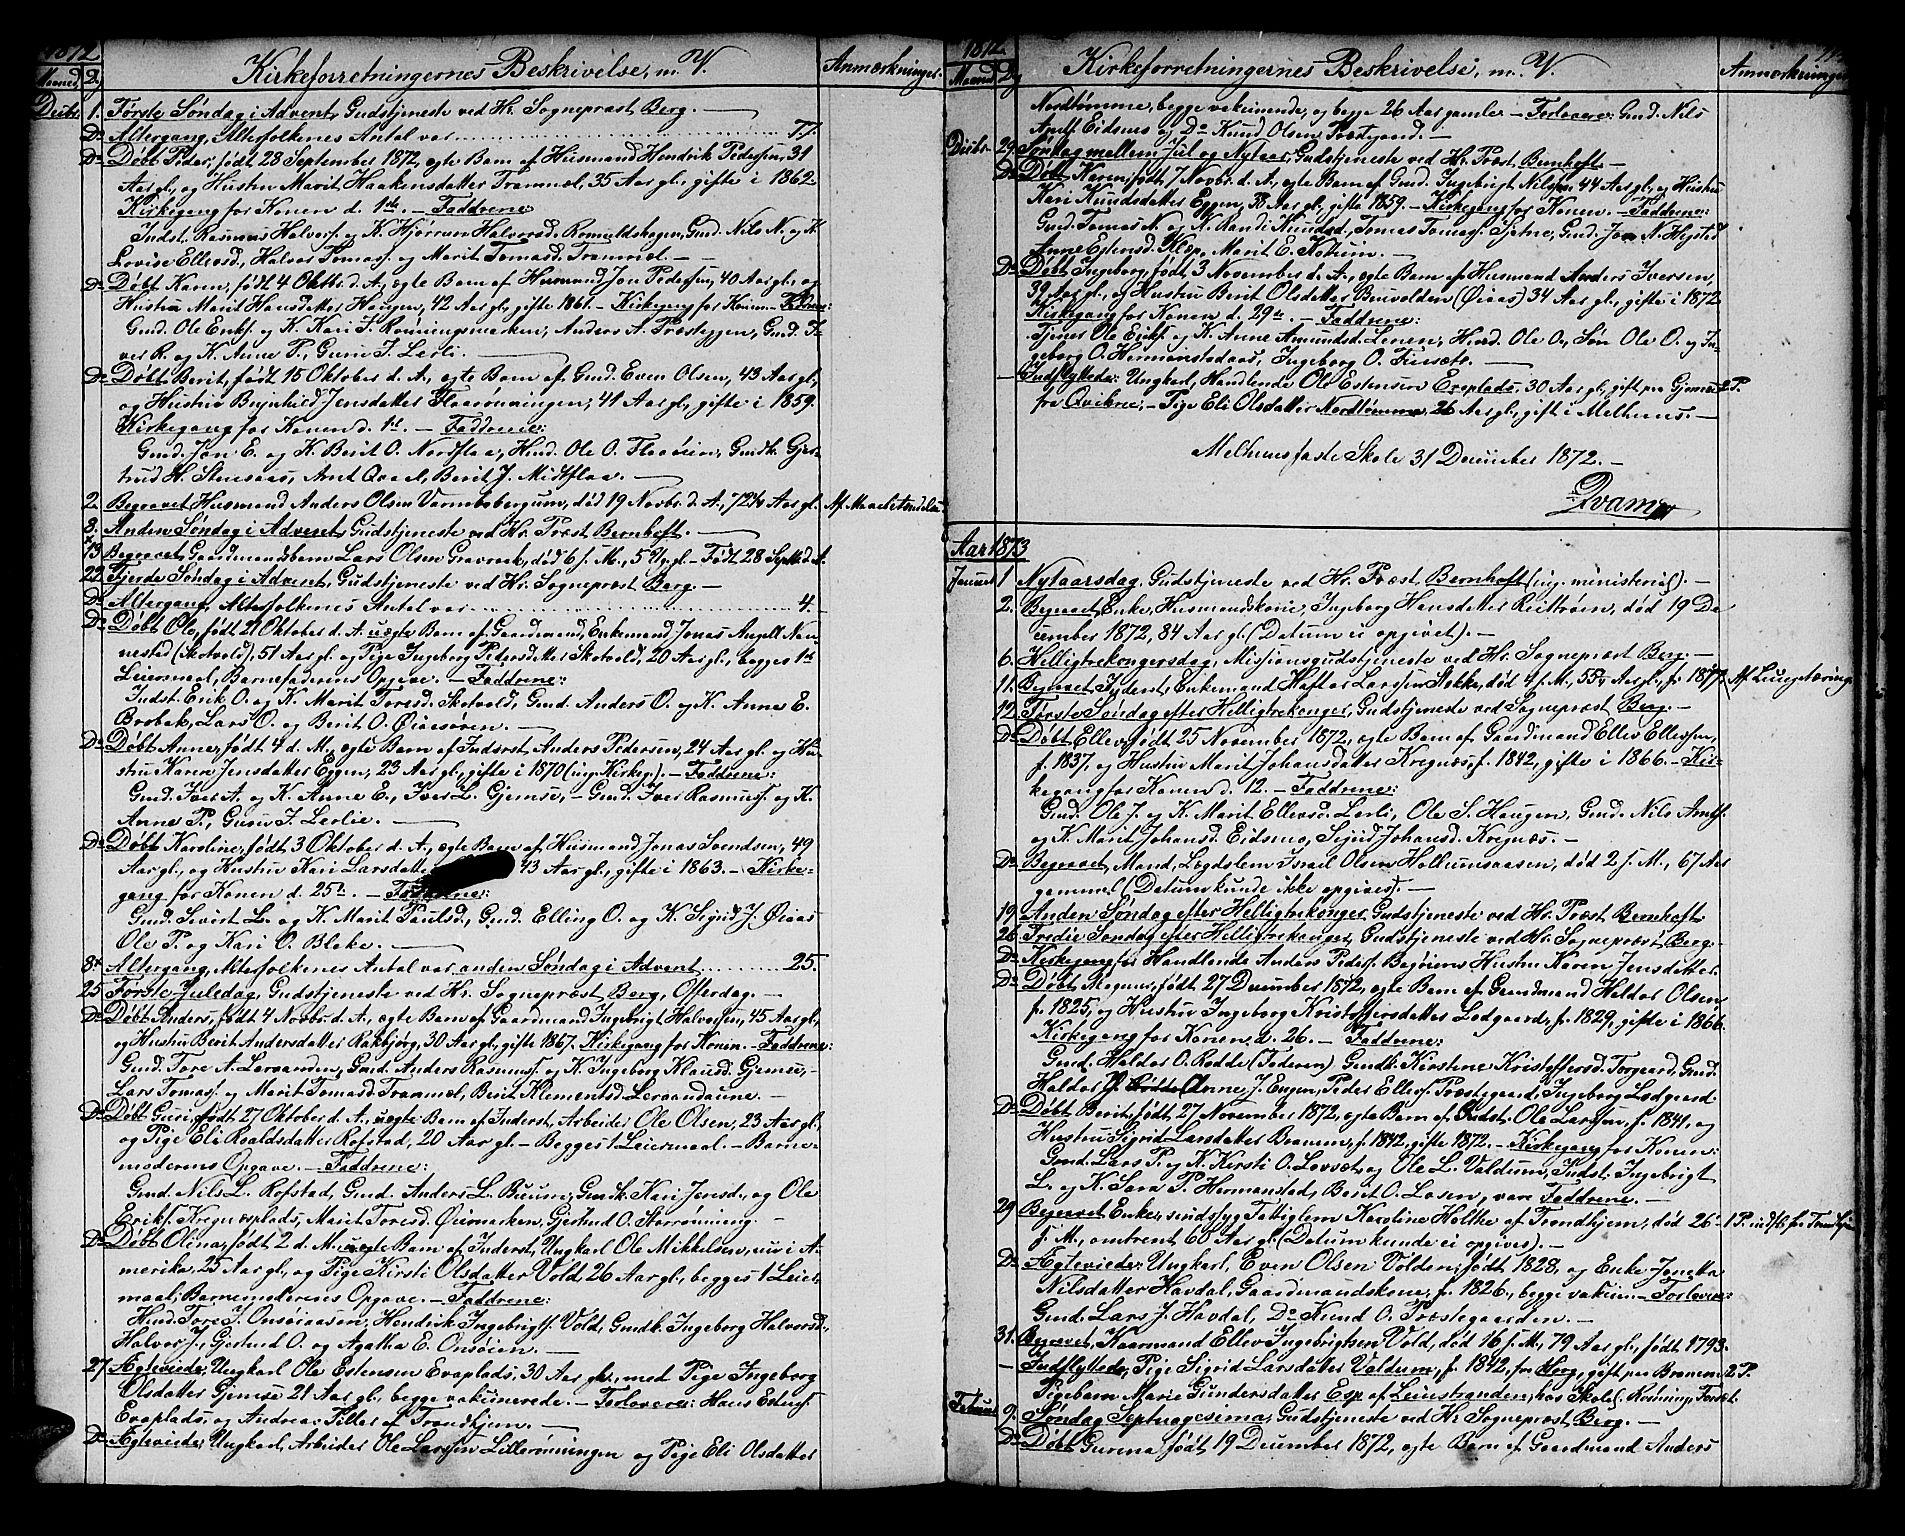 SAT, Ministerialprotokoller, klokkerbøker og fødselsregistre - Sør-Trøndelag, 691/L1093: Klokkerbok nr. 691C04, 1852-1879, s. 114